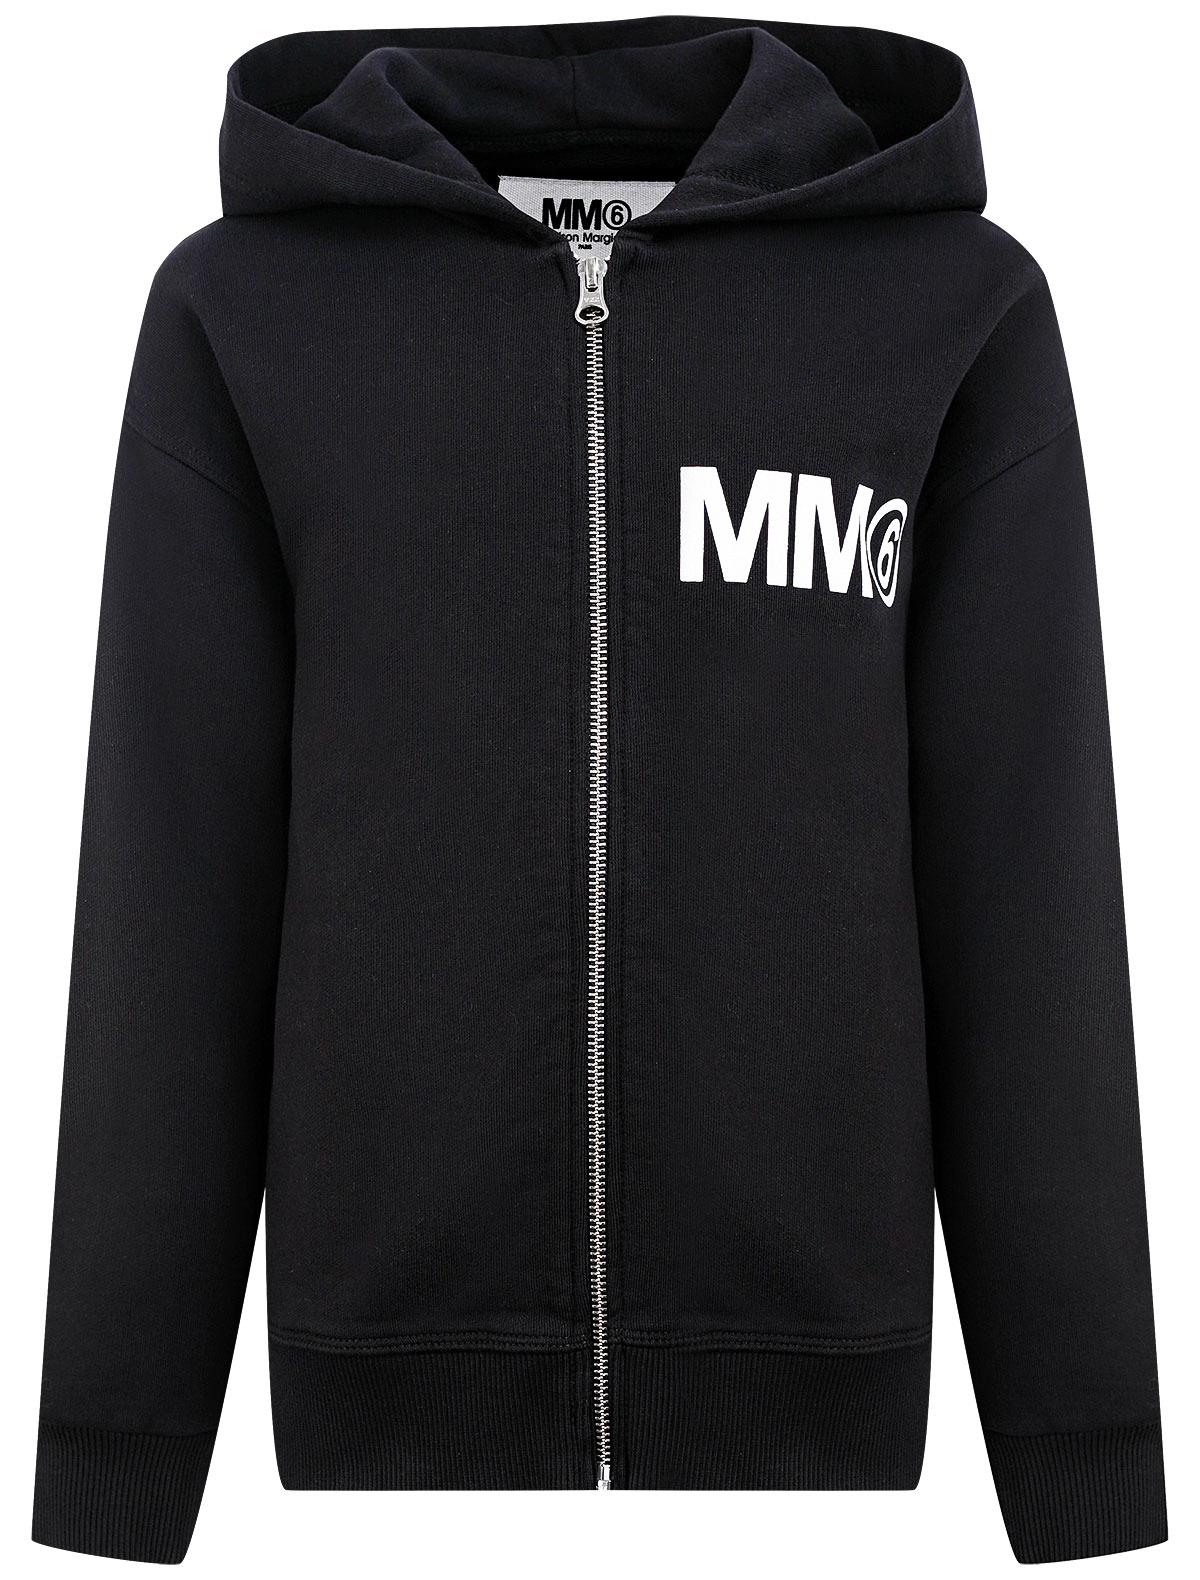 2345733, Толстовка MM6 Maison Margiela, черный, 0074529180659  - купить со скидкой